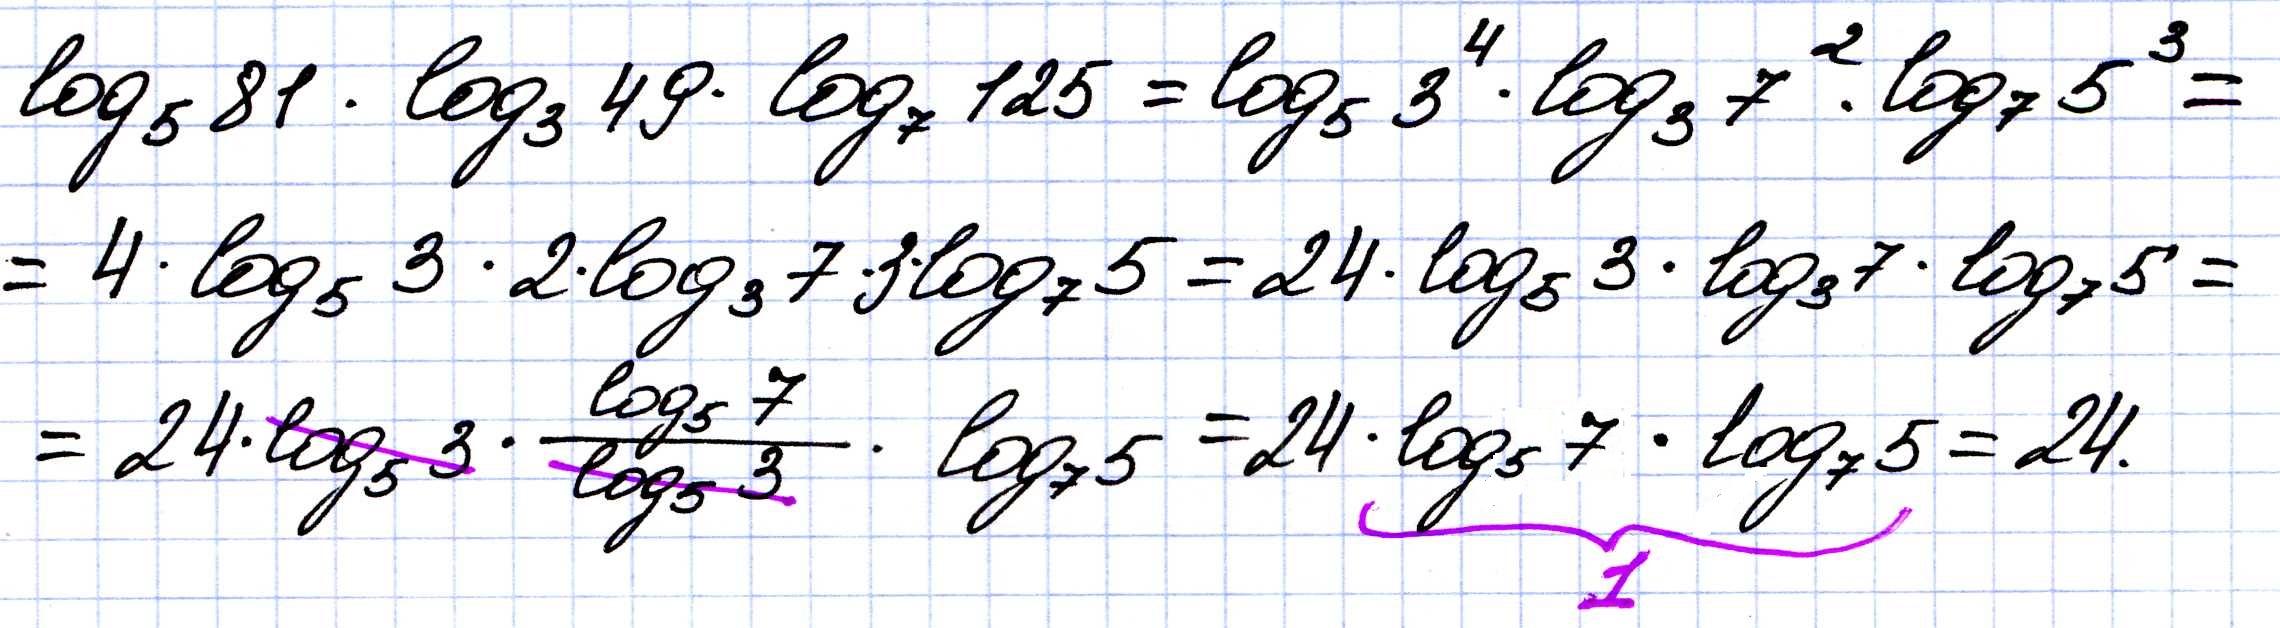 Решение №617 Найдите значение выражения log5 81*log3 49*log7 125